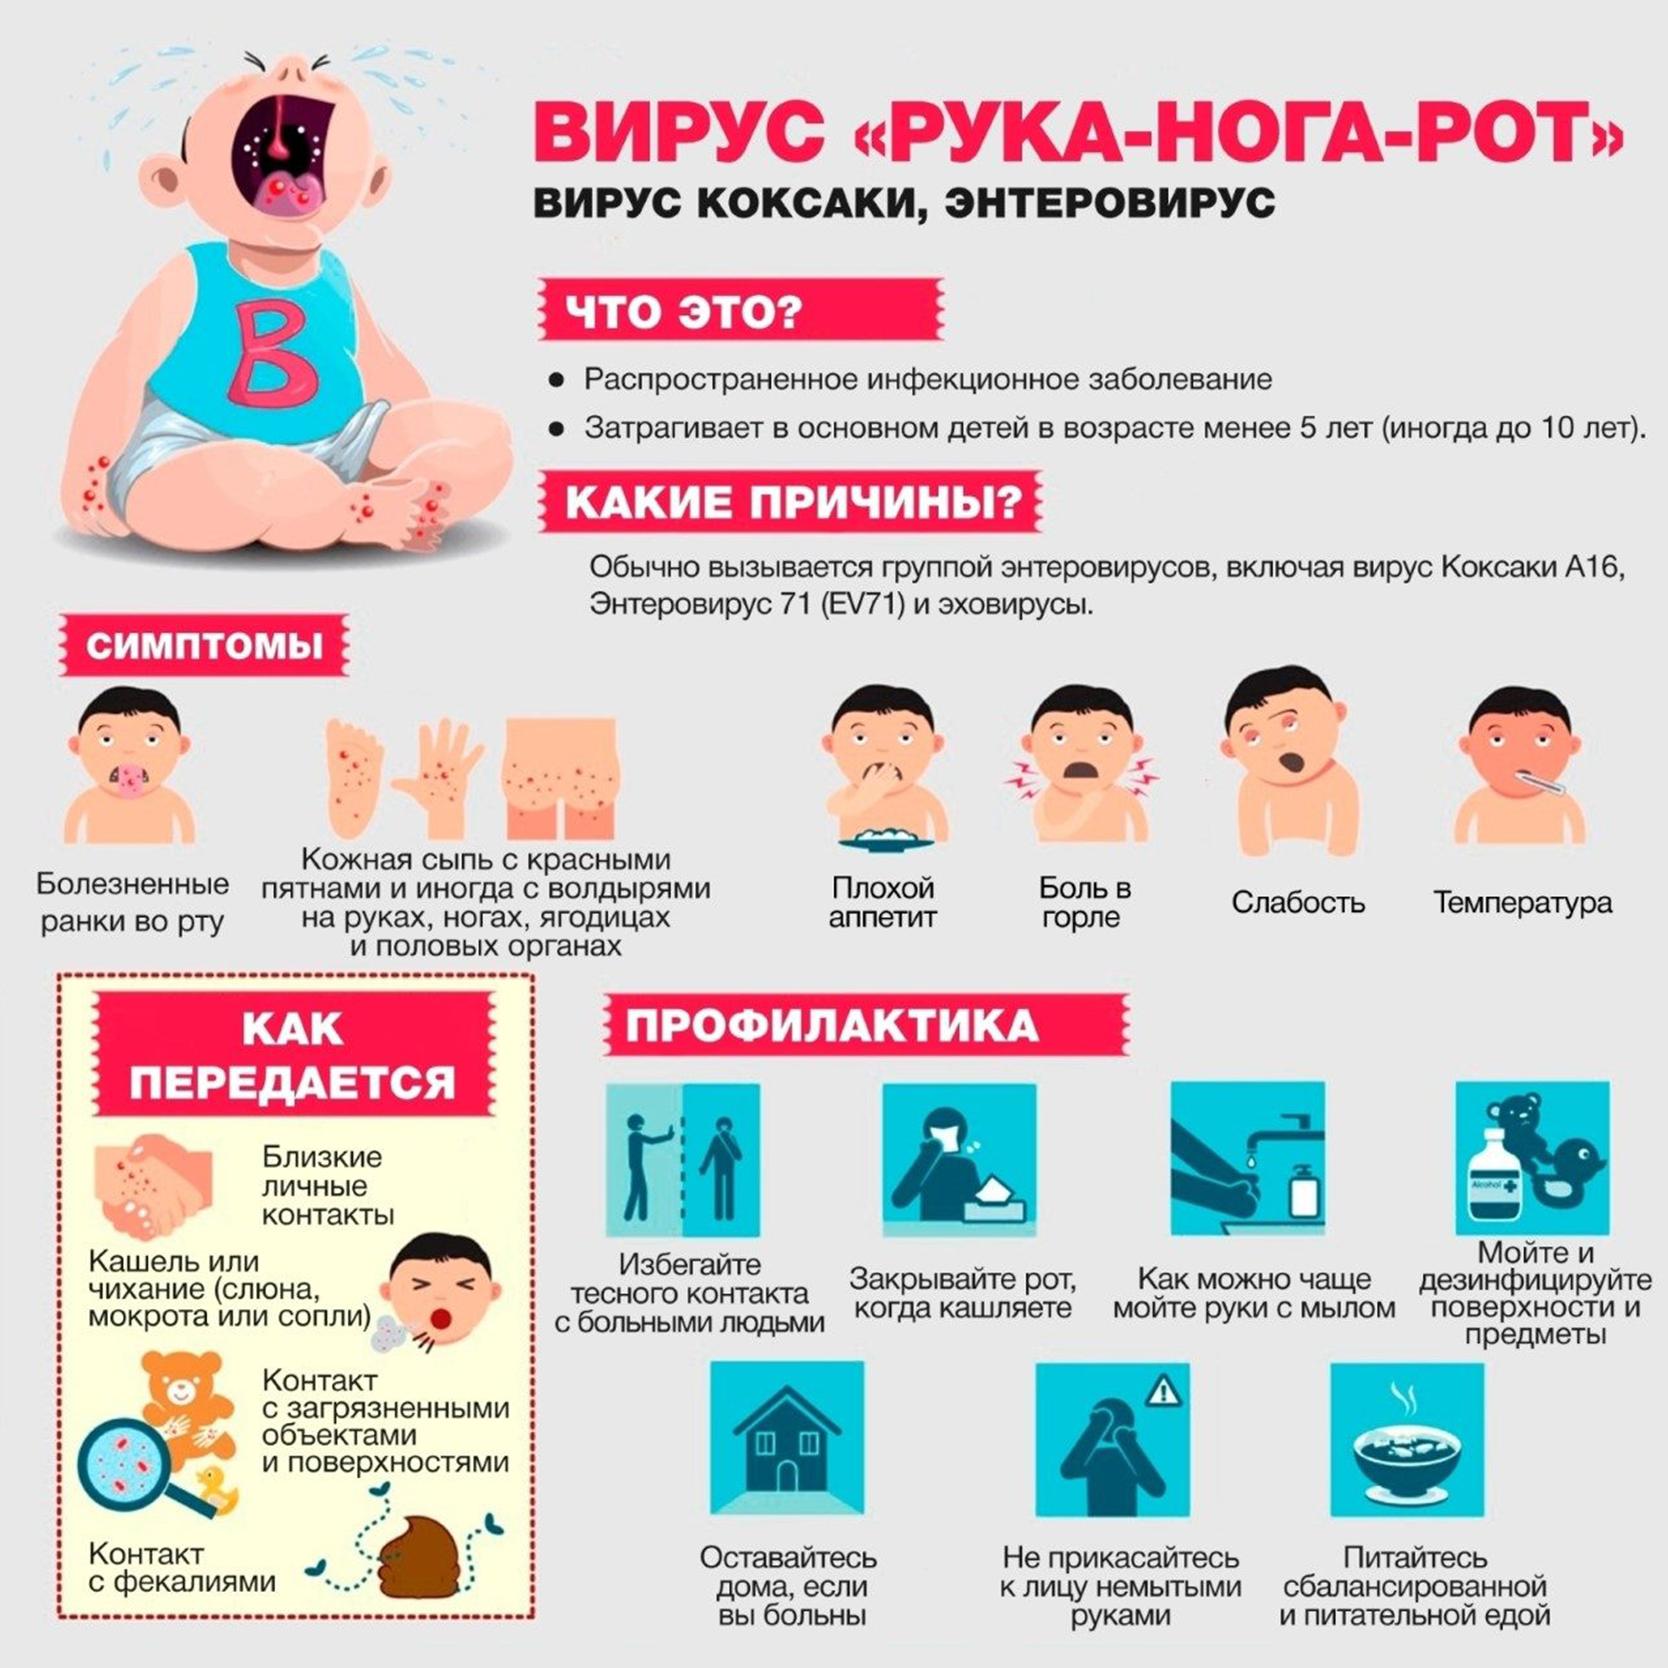 Как лечить коксаки-вирус у детей: фото, симптомы, лечение и профилактика